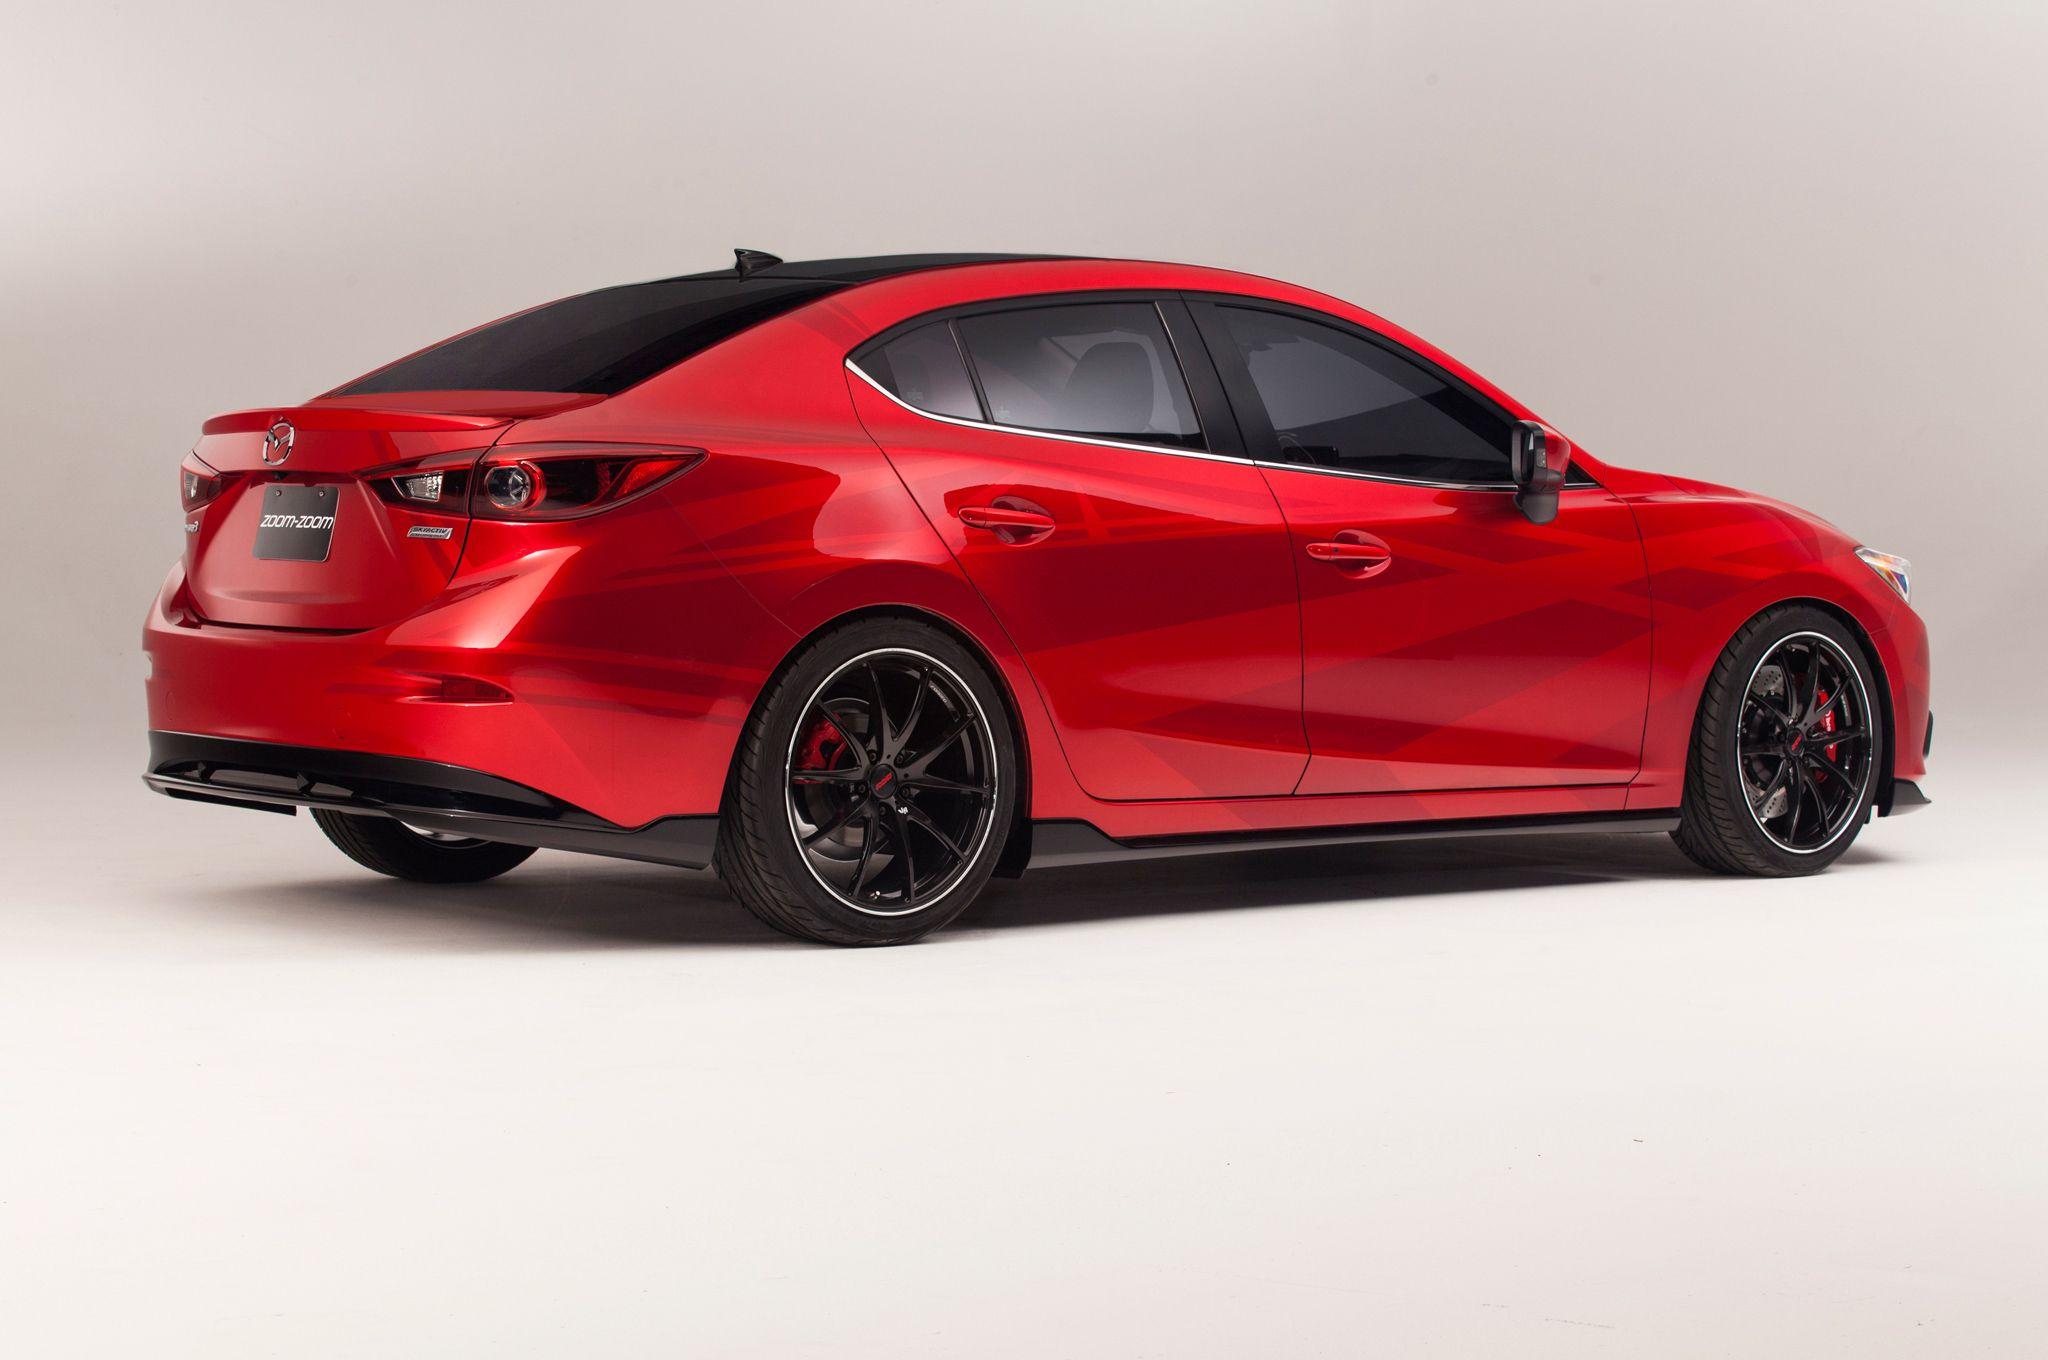 Show Me Your Wheels Mazda Cars Mazda 3 Sedan Mazda